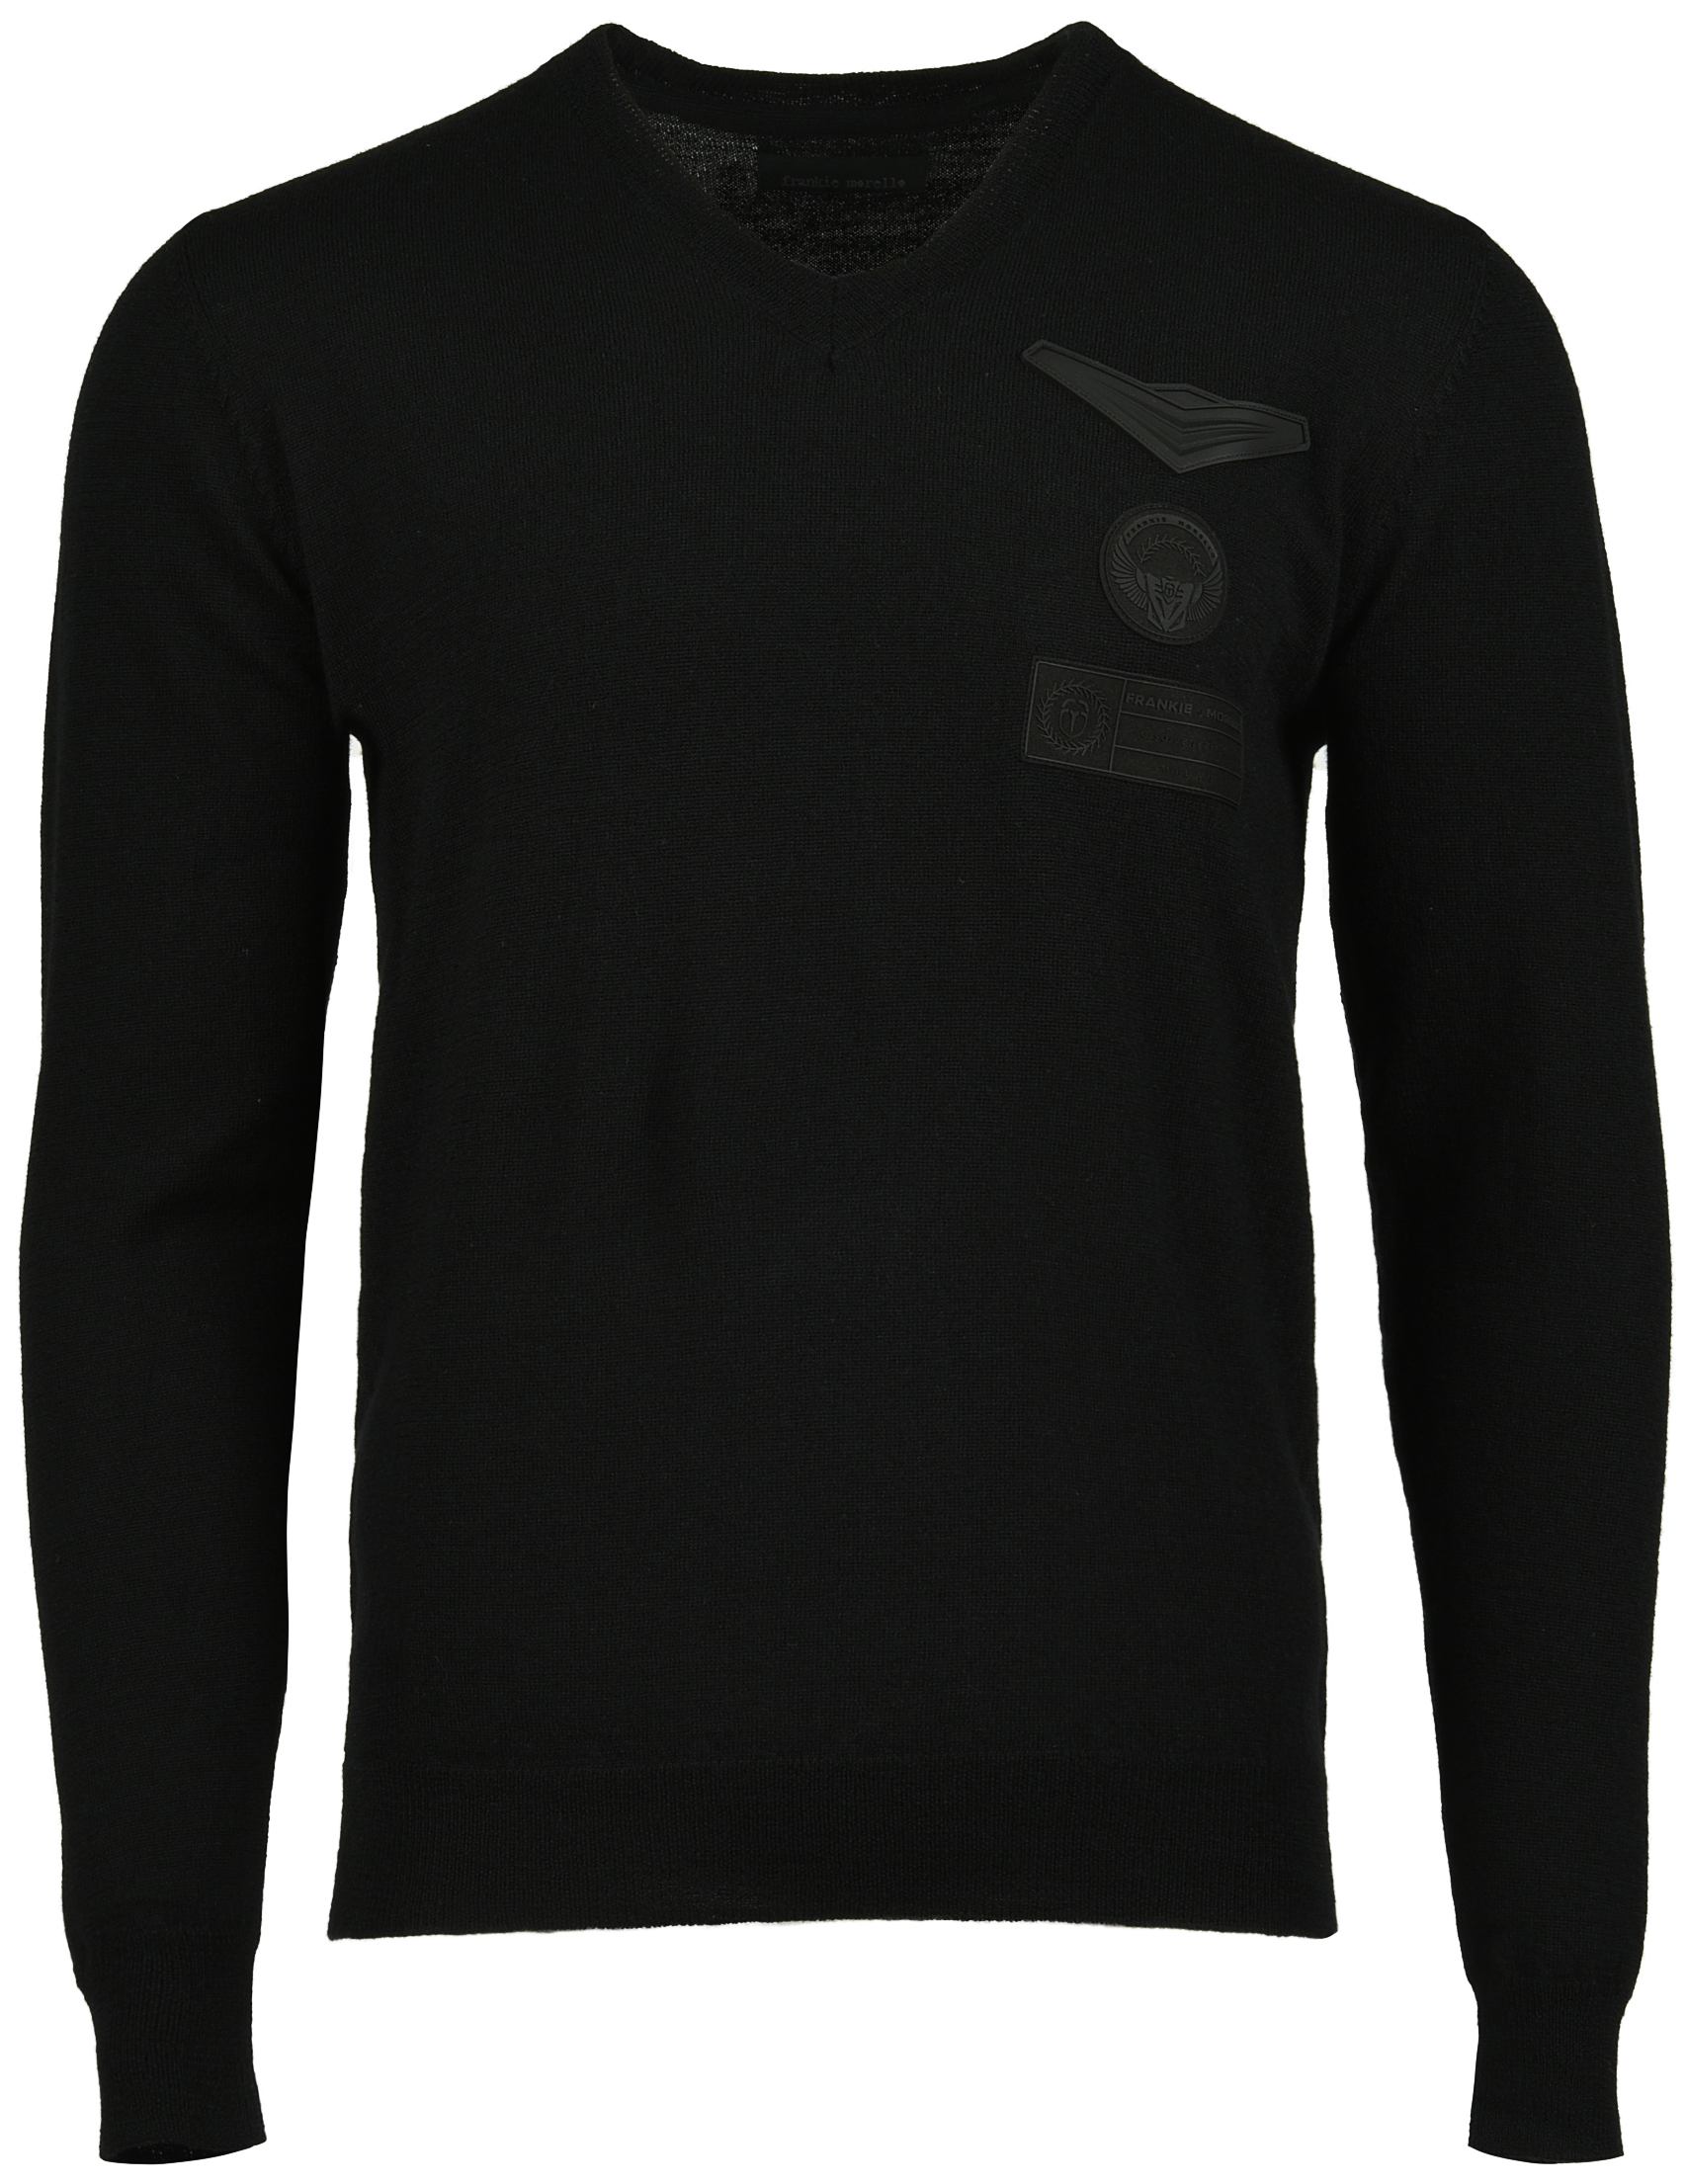 Купить Пуловер, FRANKIE MORELLO, Черный, 50%Вискоза 30%Полиэстер 20%Полиамид, Осень-Зима